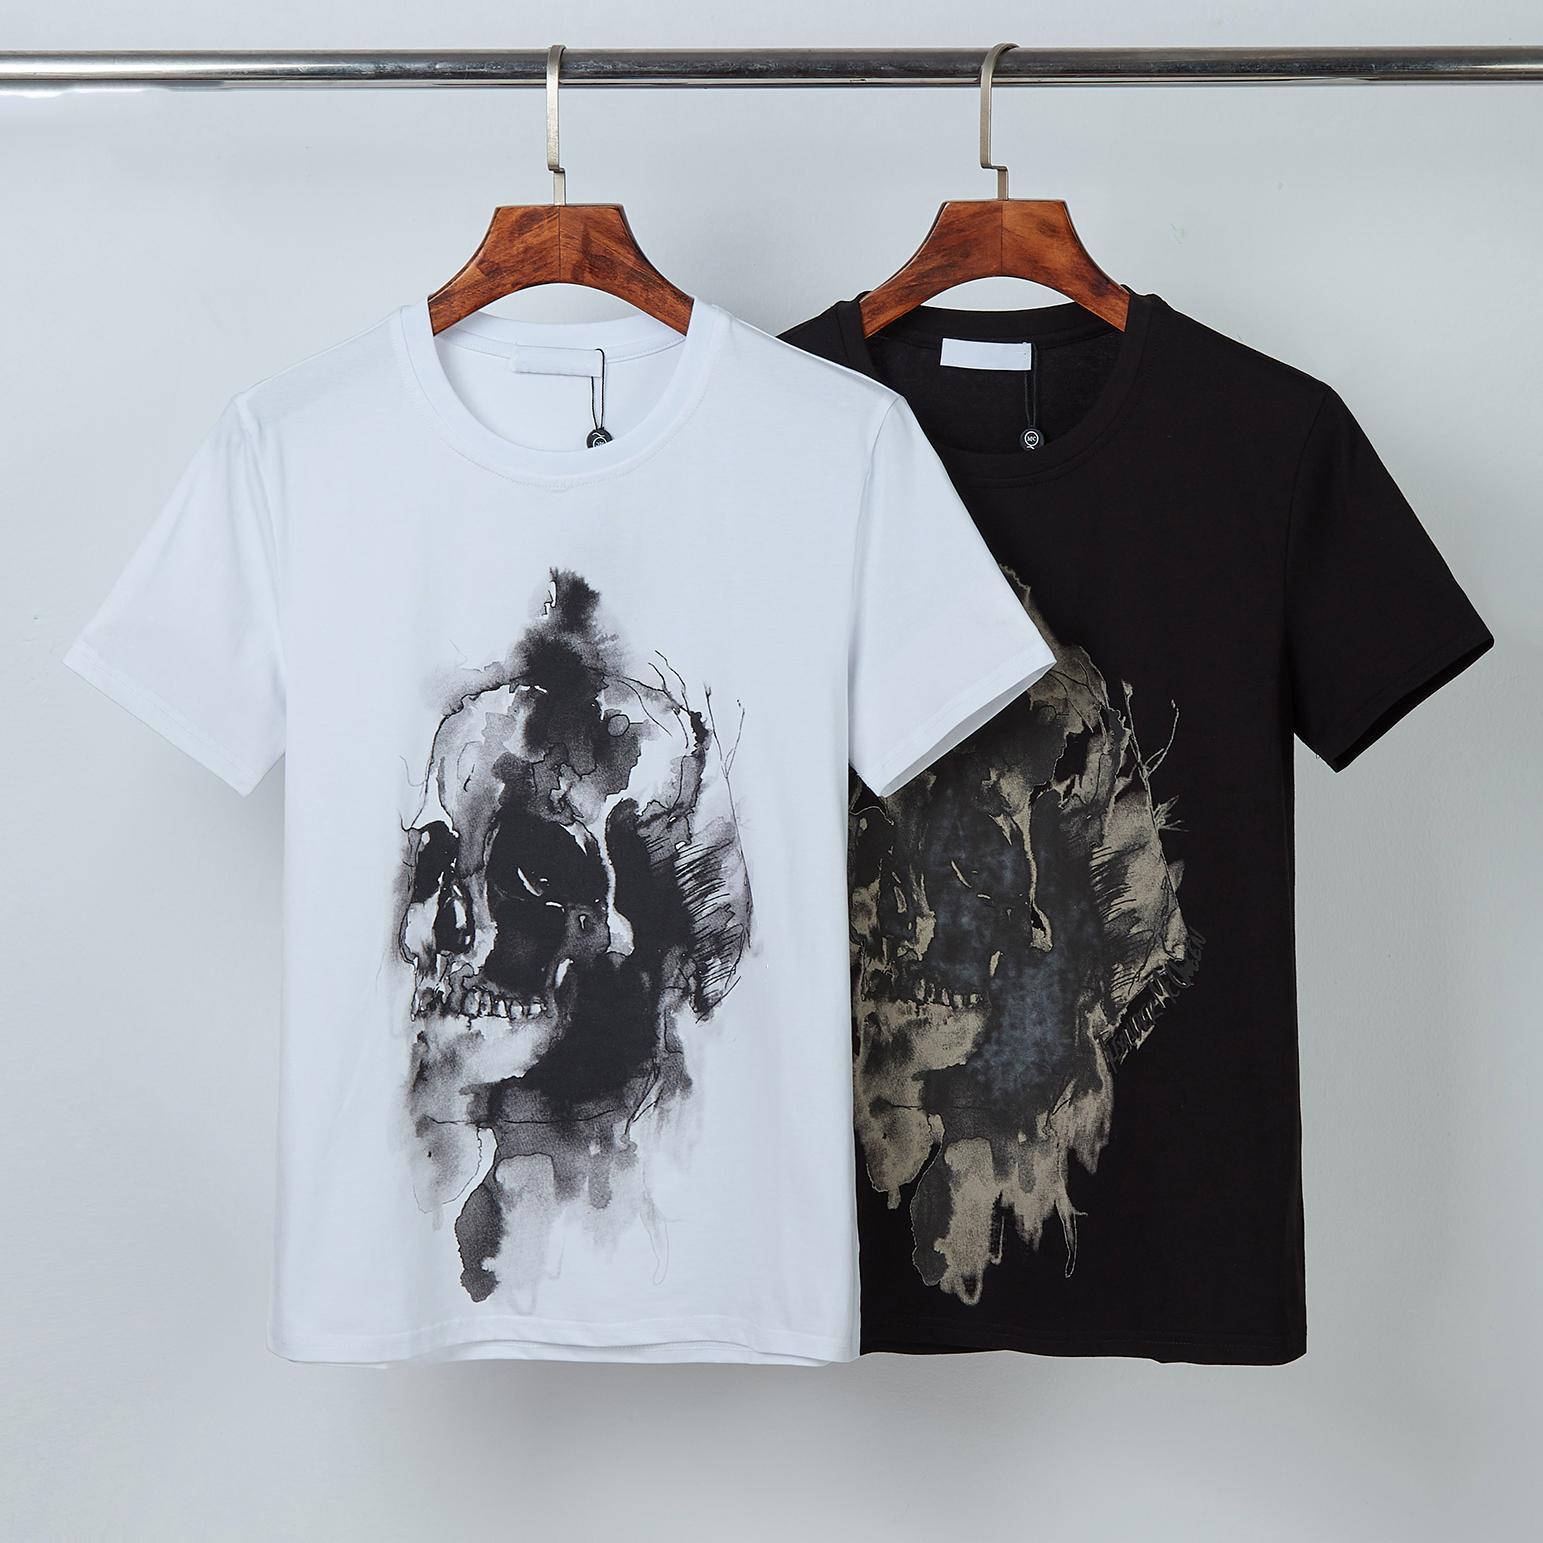 2021 클래식 두개골 스타일리스트 남성 T- 셔츠 # 0011 유럽 파리 패션 여름 짧은 소매 럭셔리 캐주얼 탑 디자이너 amq 남성 3D 인쇄 티셔츠